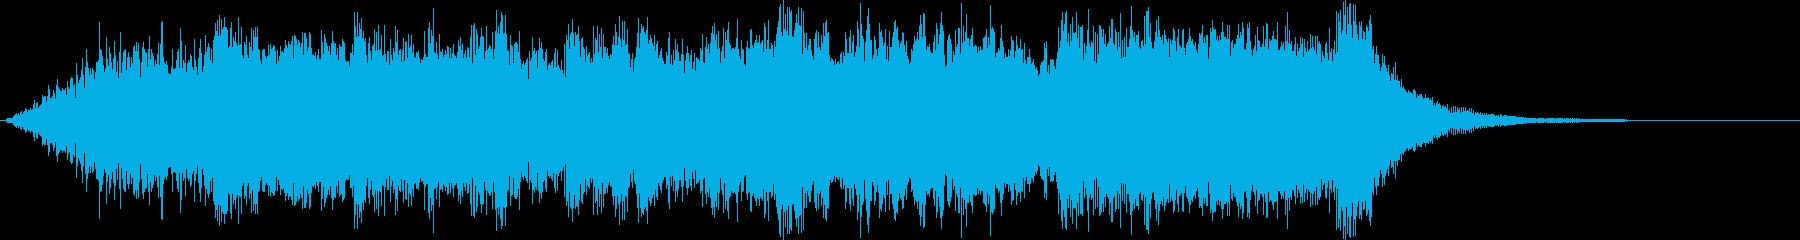 フィールドクリア (豪華なオーケストラ)の再生済みの波形